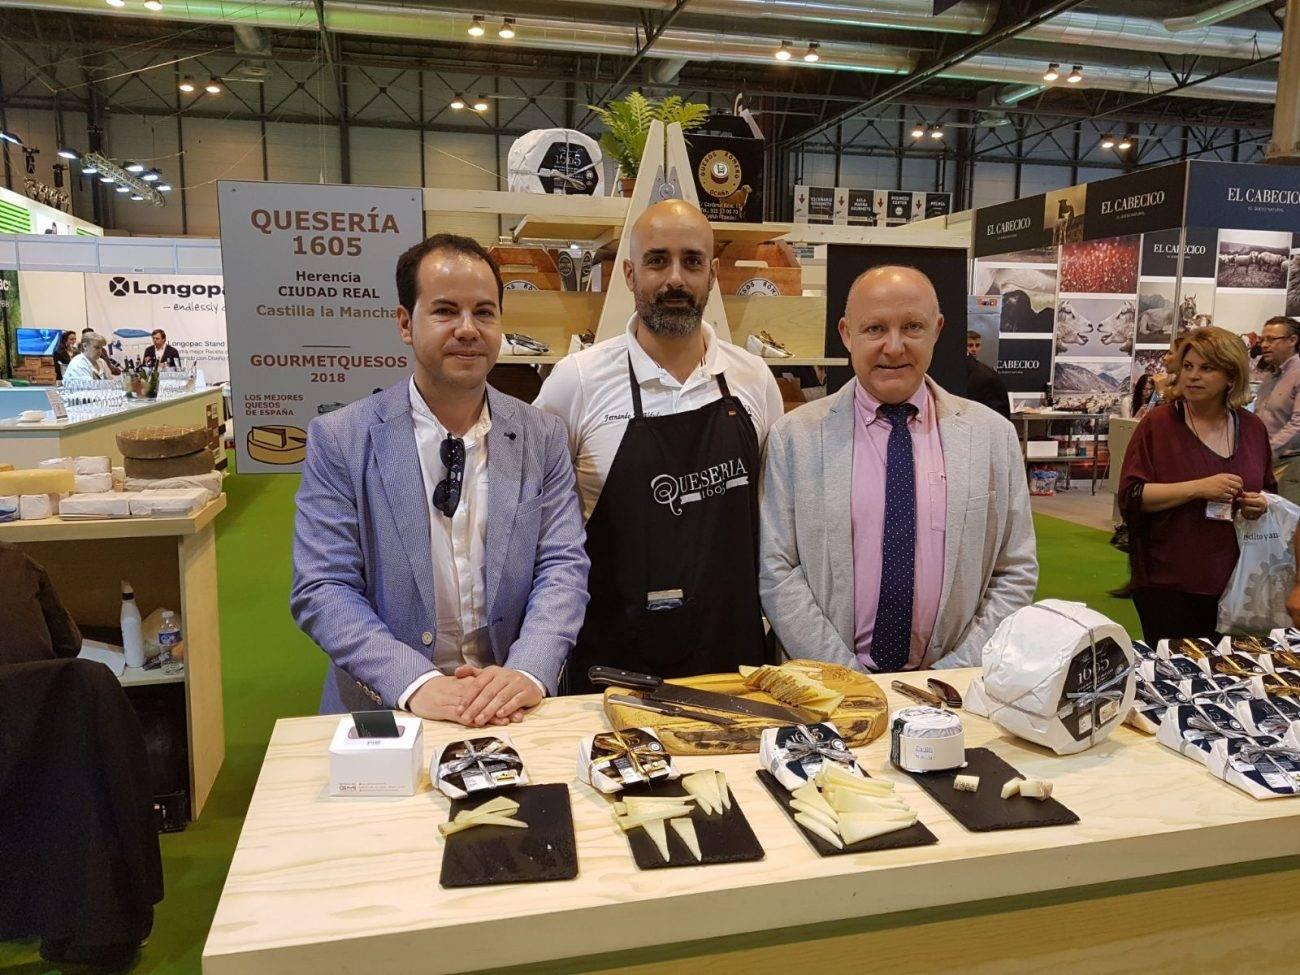 queso de Herencia en el XXXII Sal%C3%B3n de Gourmets - Quesería 1605 en el Salón de Gourmets de Madrid